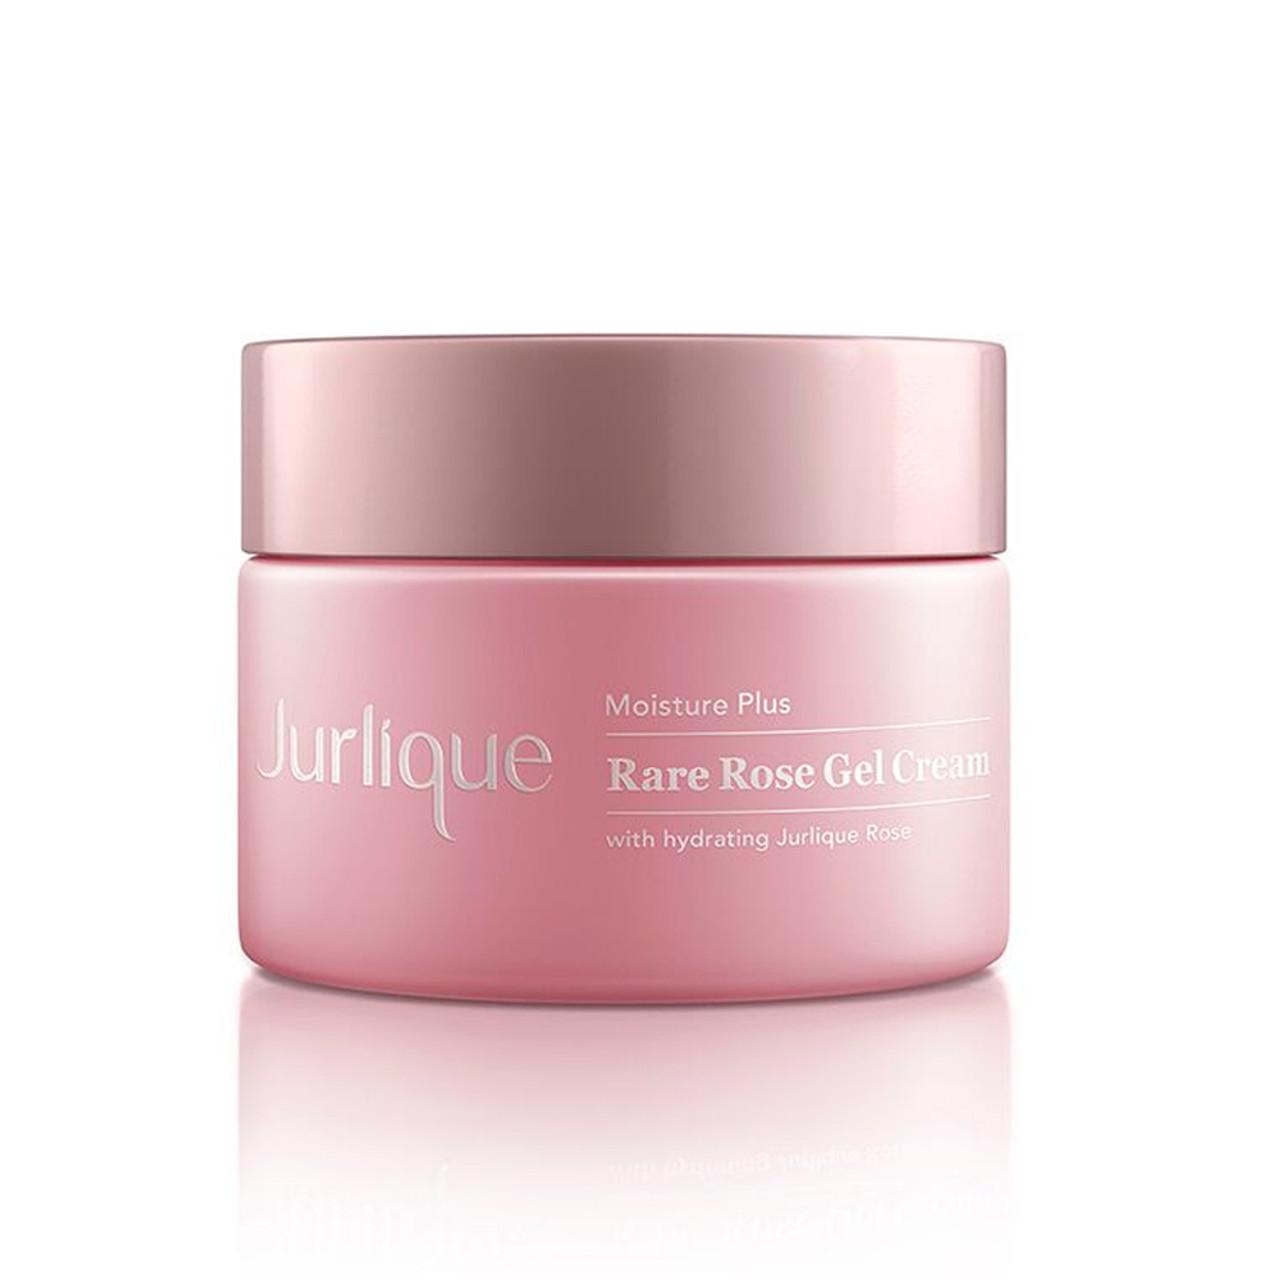 Jurlique Moisture Plus Rare Rose Gel-Cream